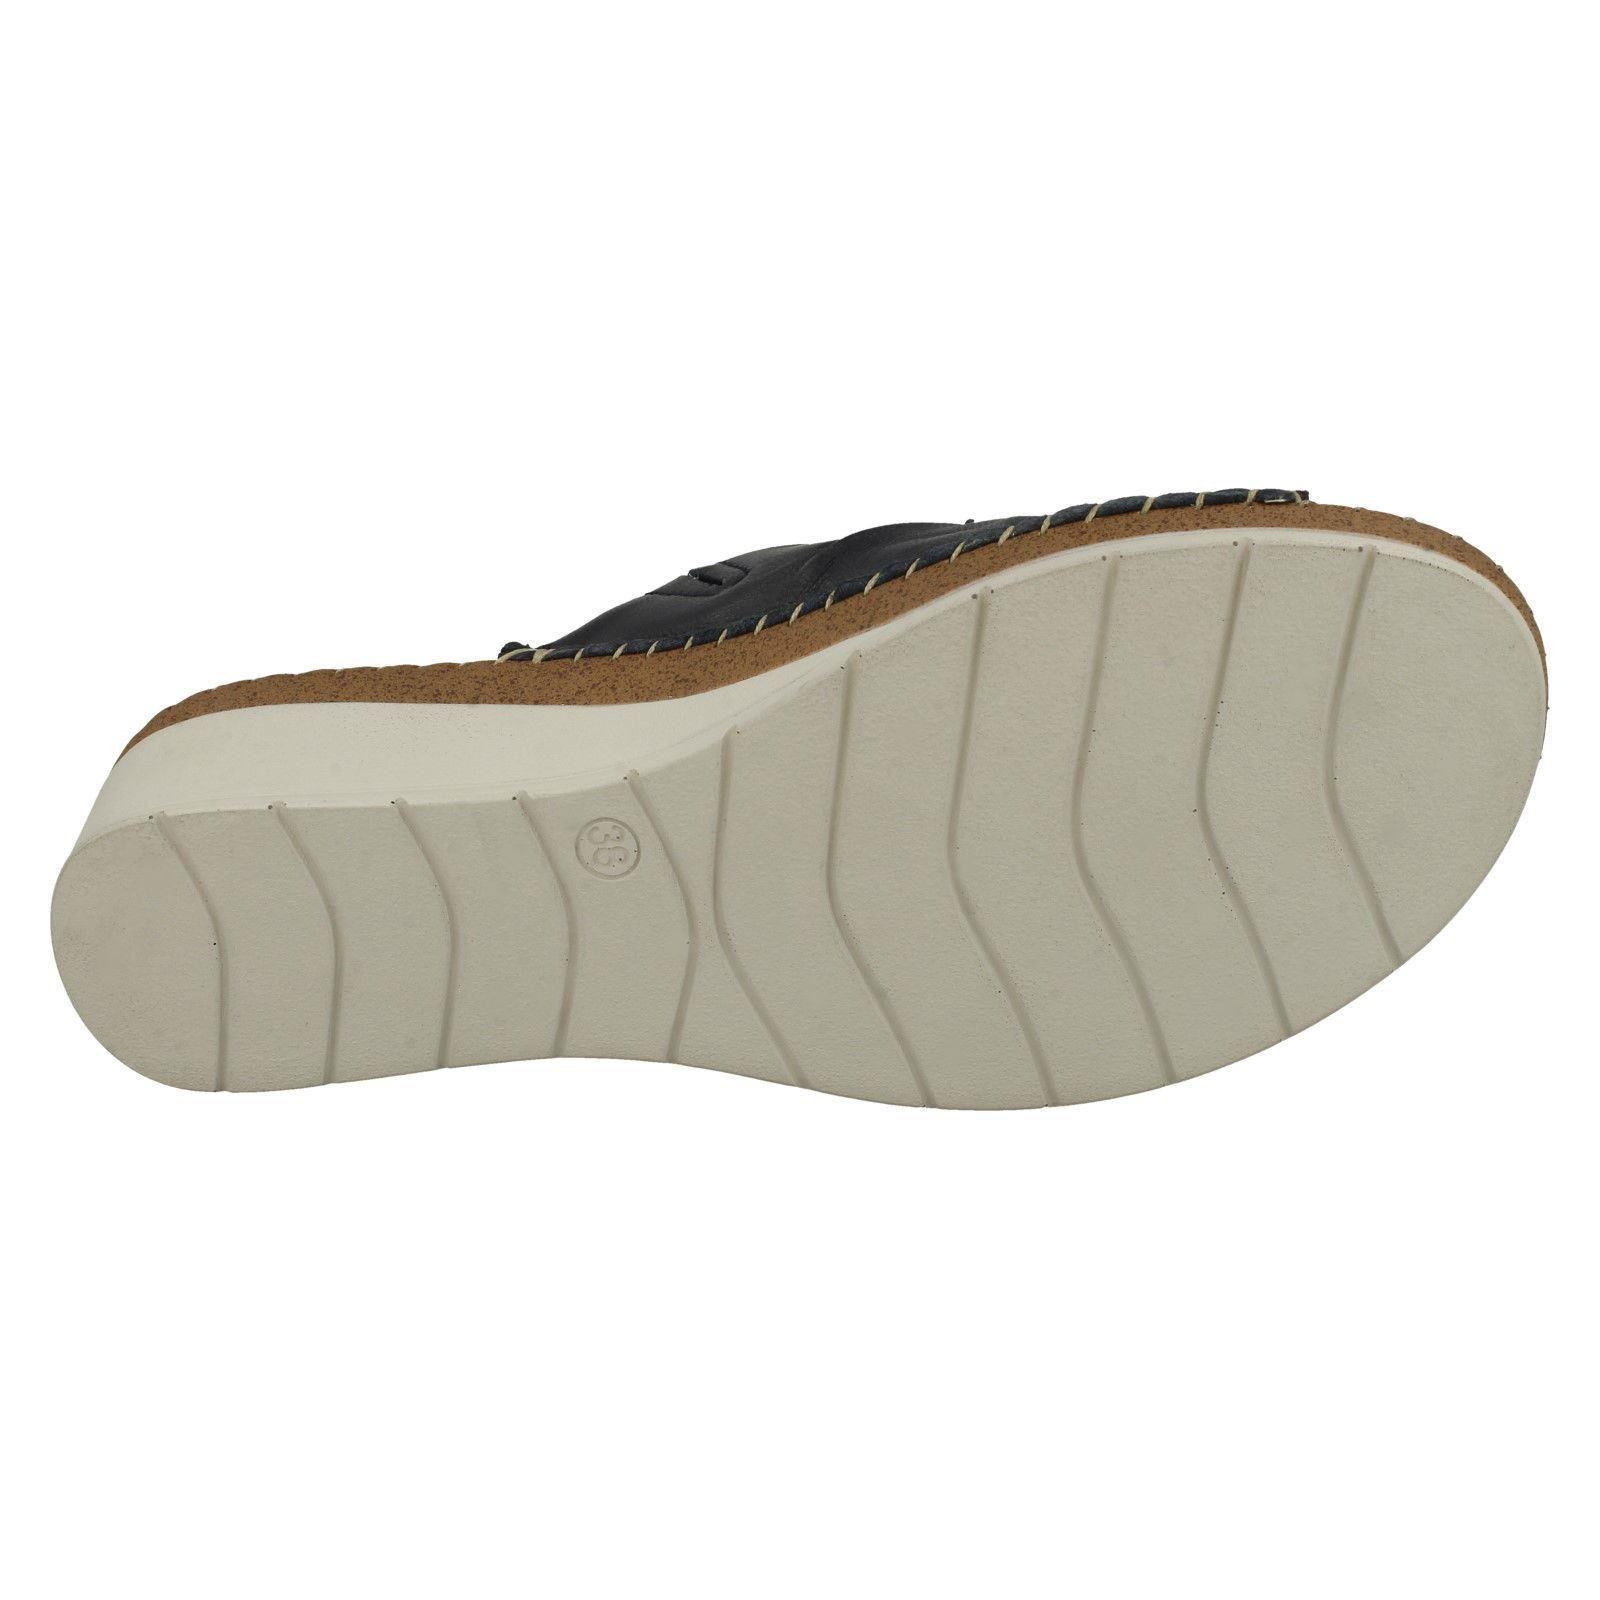 Ladies-Van-Dal-Wedge-Heel-Mule-Sandals-039-Banks-039 thumbnail 18